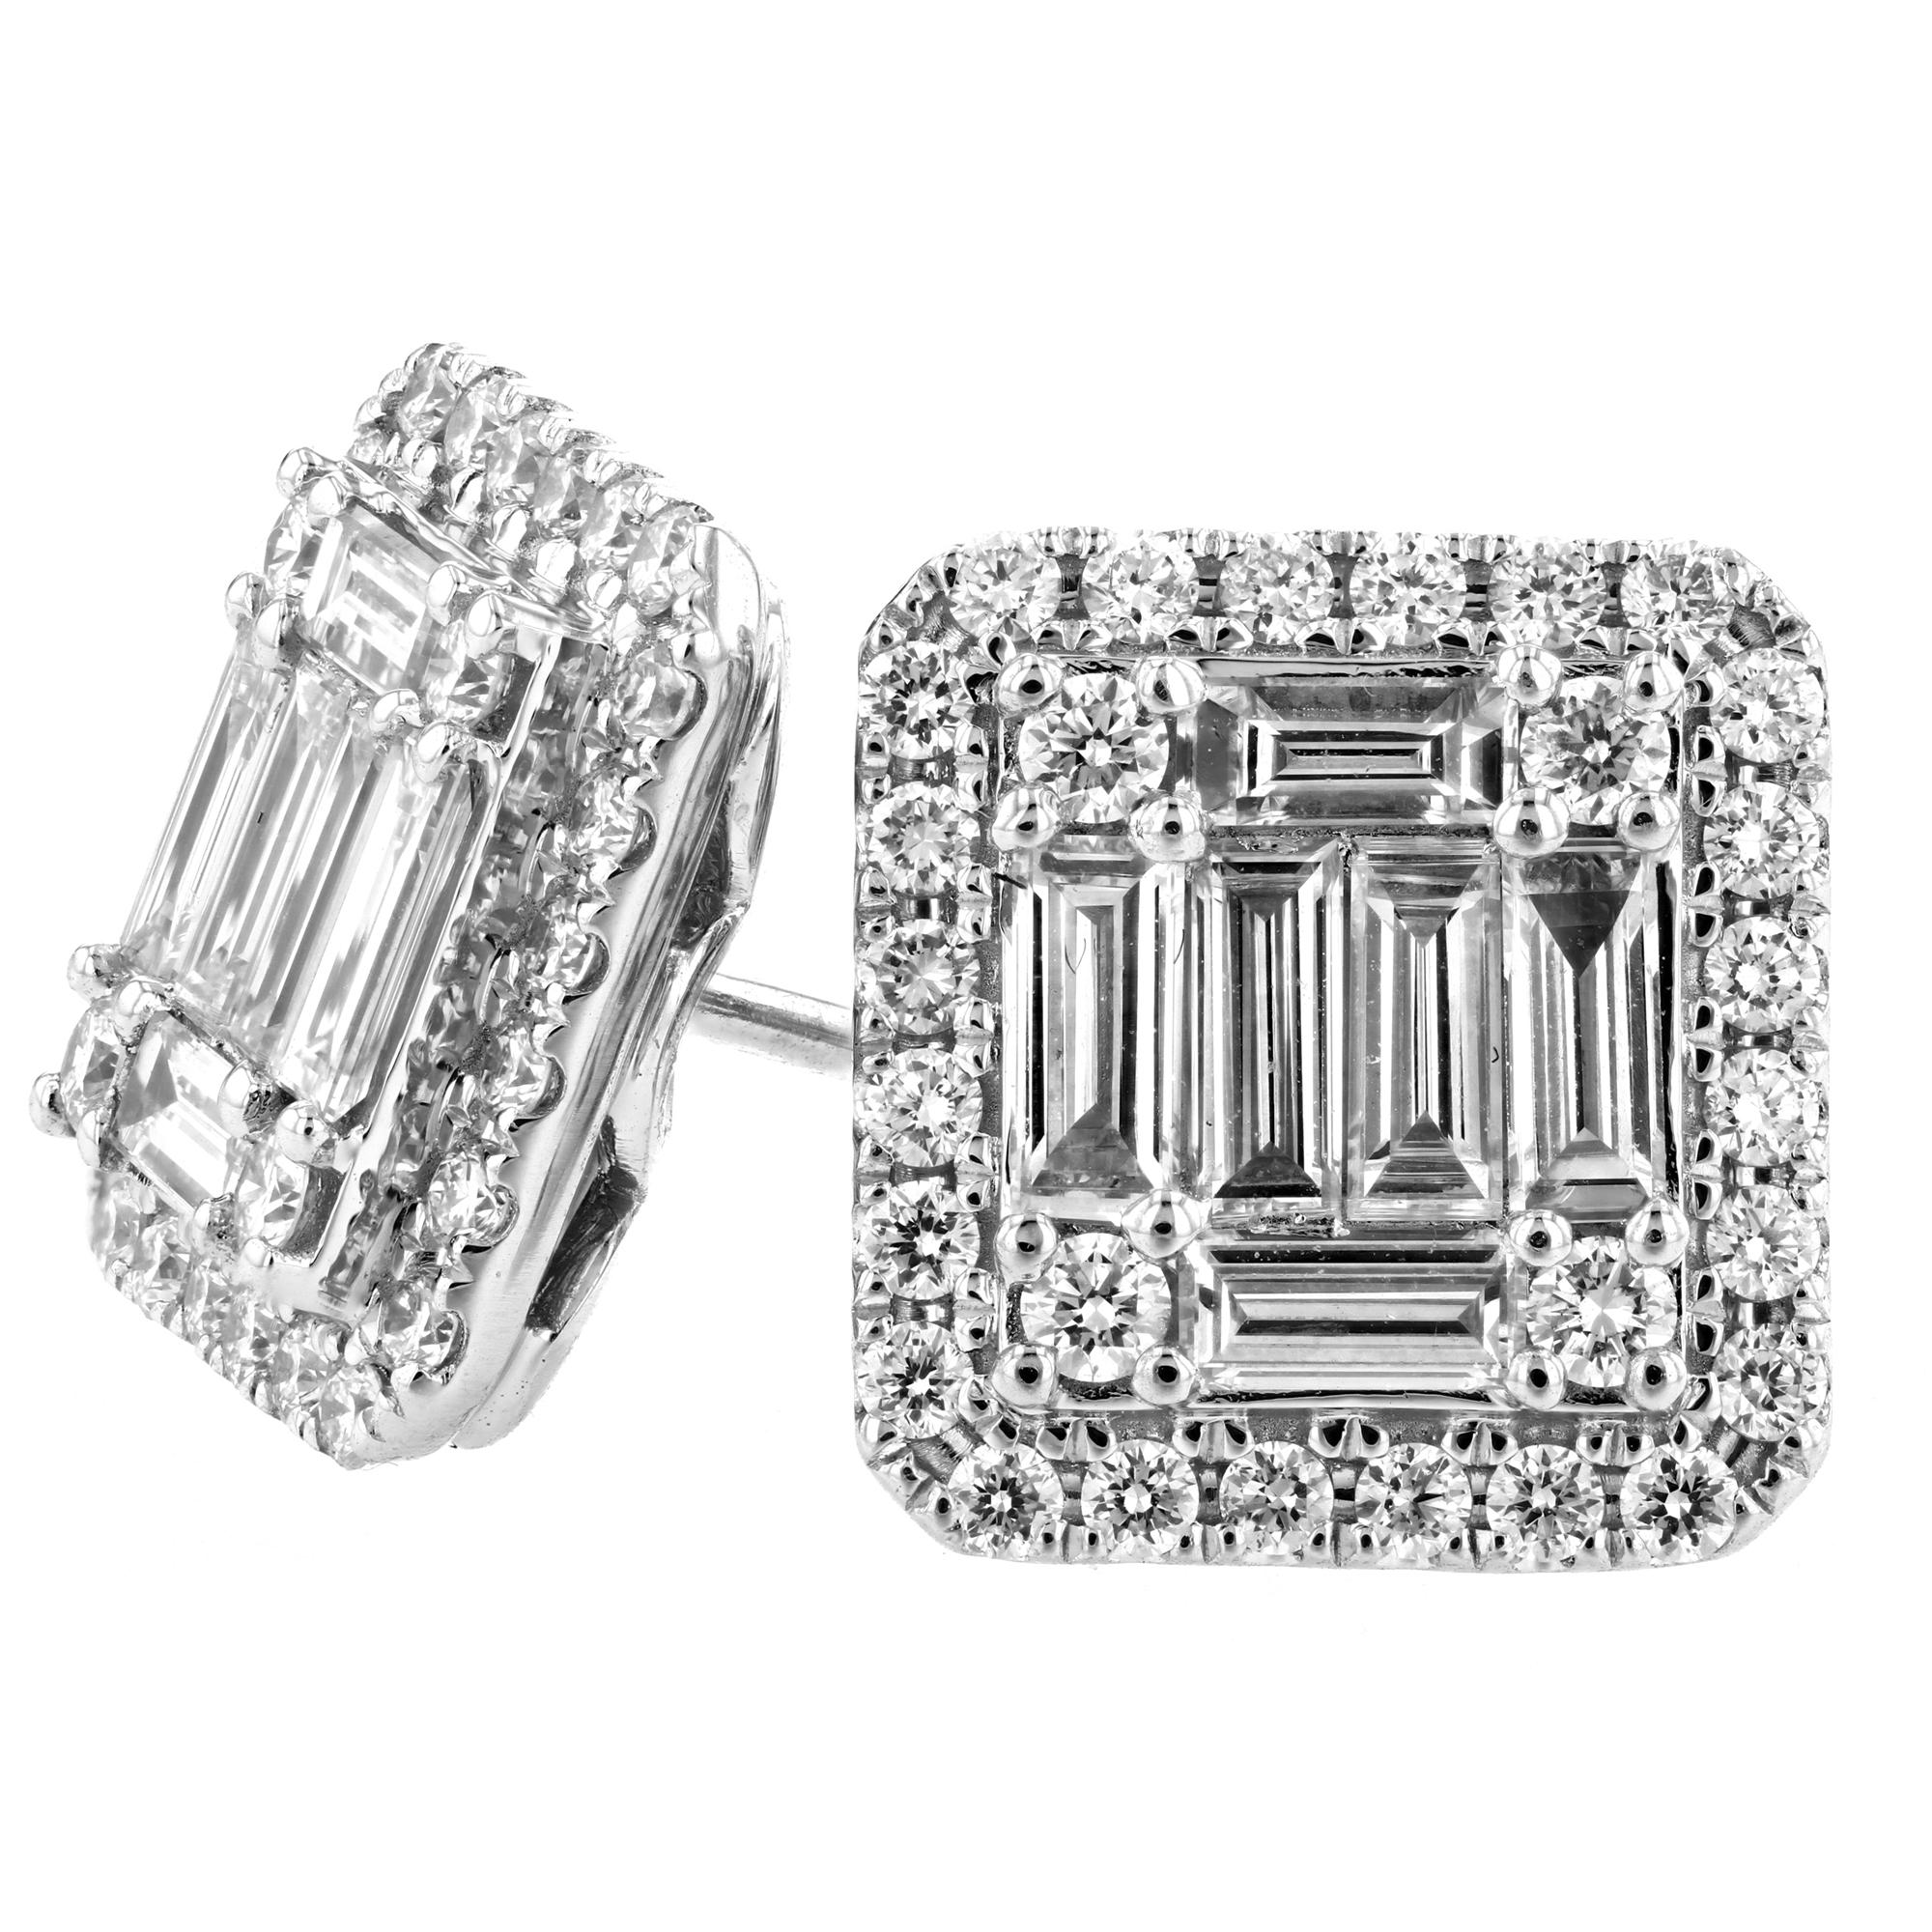 1.33ctw Diamond Cluster Earrings in 18k White Gold